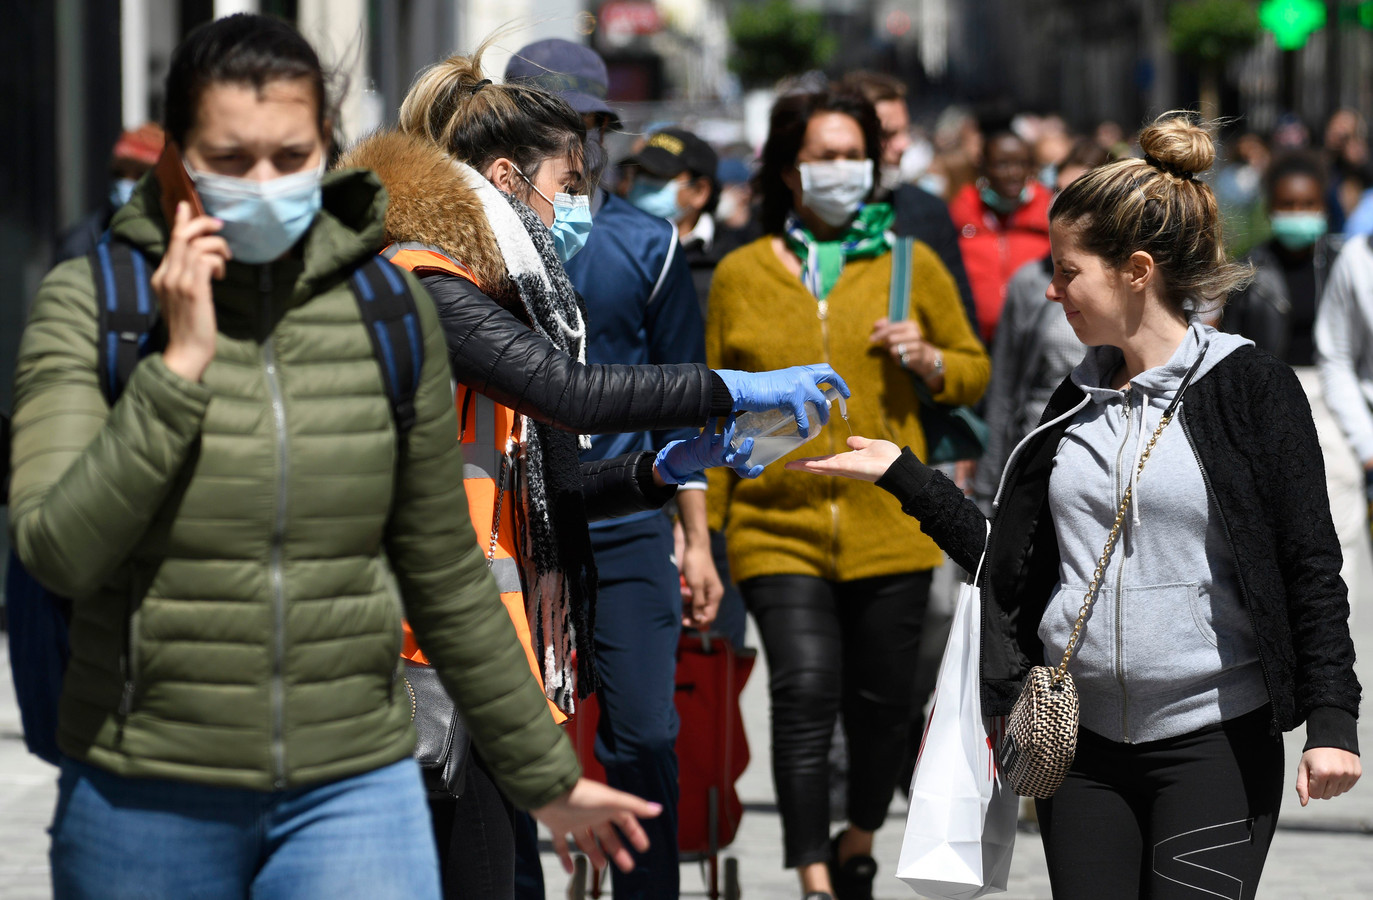 Op drukke plaatsen moeten we wél nog altijd een mondmasker dragen.